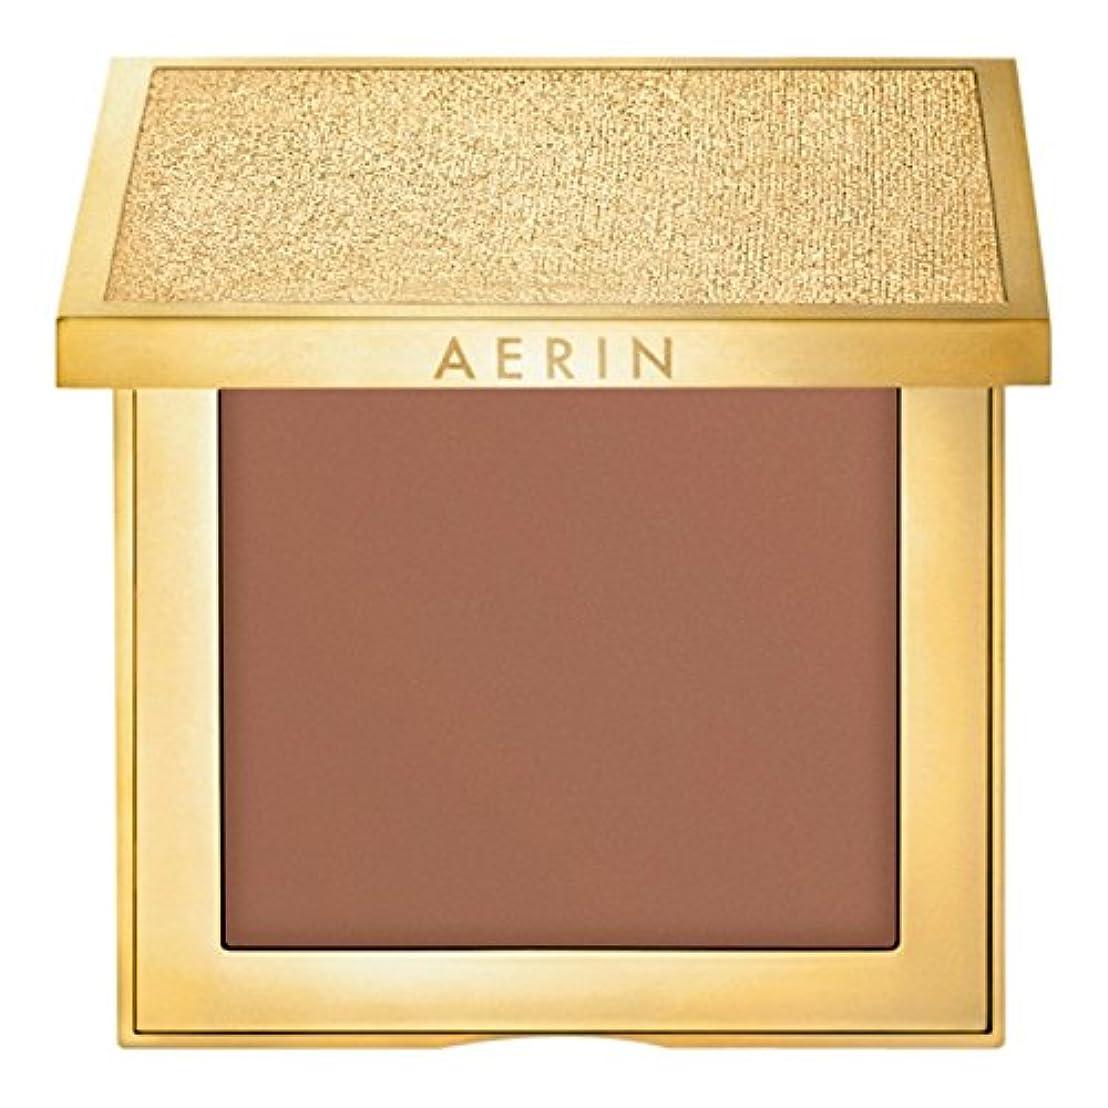 リングバッククマノミうぬぼれAerin新鮮な肌コンパクトメイクアップレベル6 (AERIN) (x6) - AERIN Fresh Skin Compact Makeup Level 6 (Pack of 6) [並行輸入品]